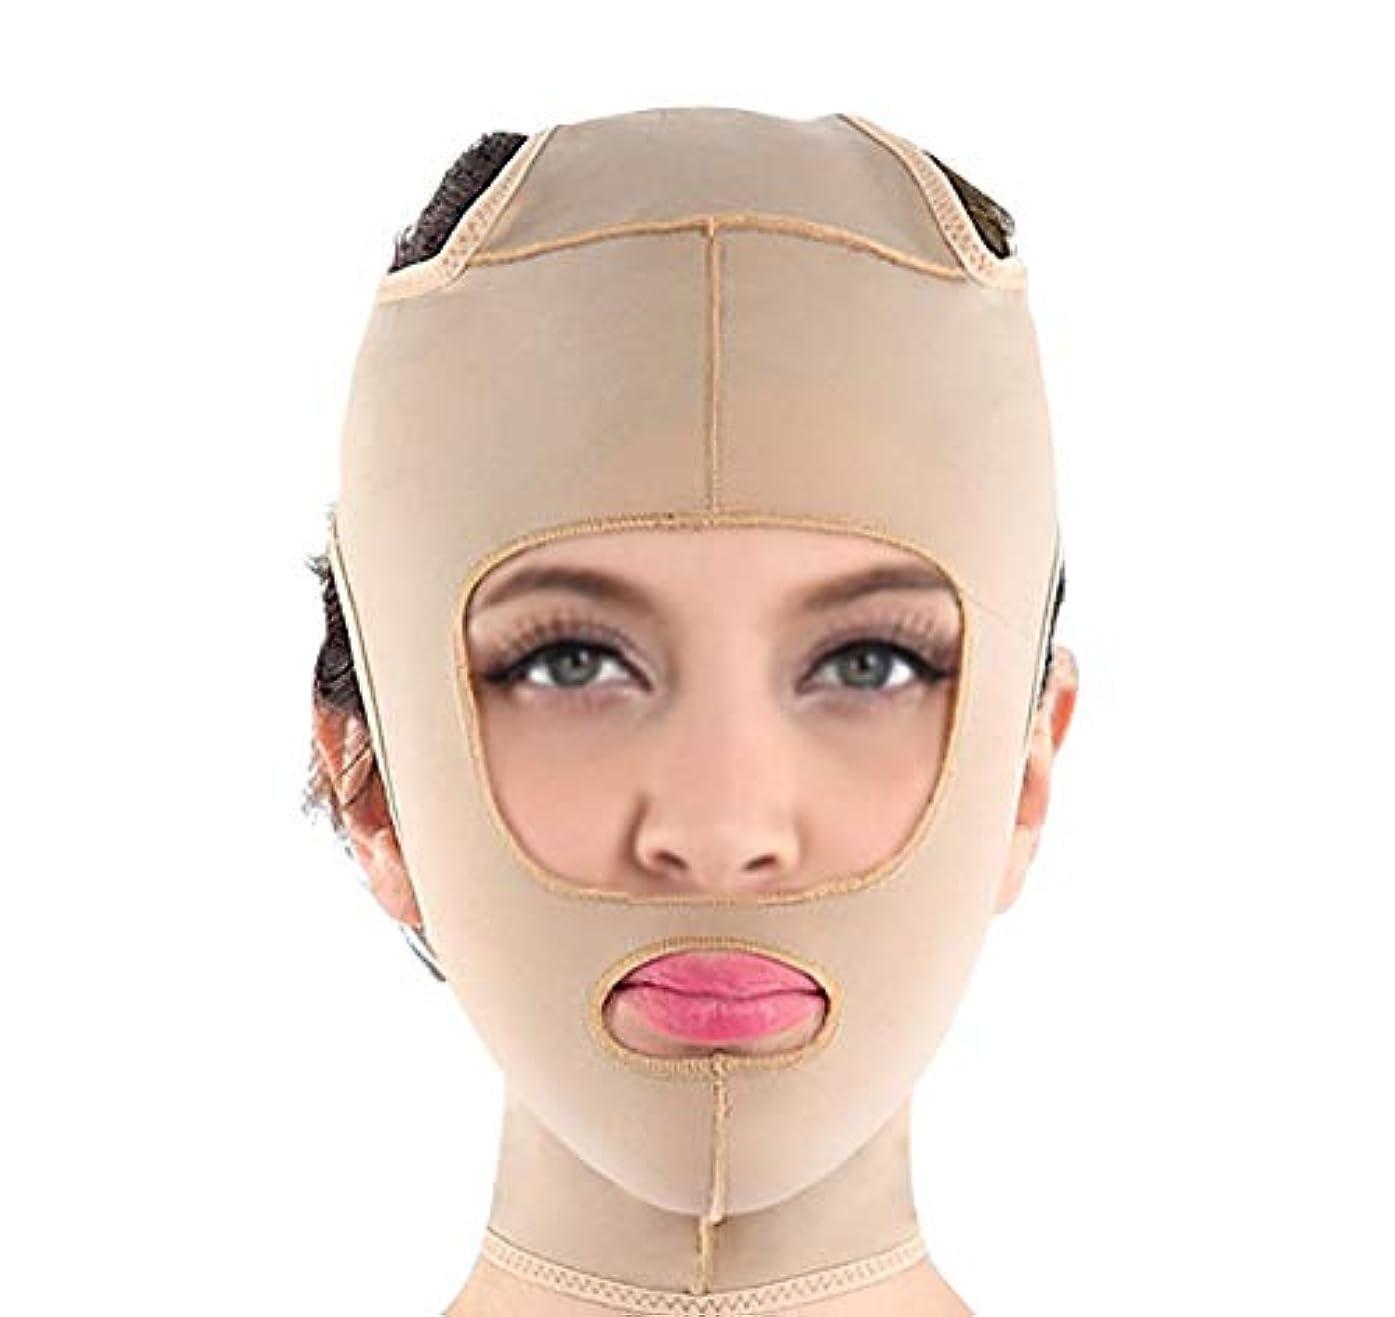 製造エゴマニア給料顔に肌をより堅く保つためのフェイスリフティングマスク、V字型の顔の形、超薄型の通気性、調節可能で快適な着用 (Size : XL)